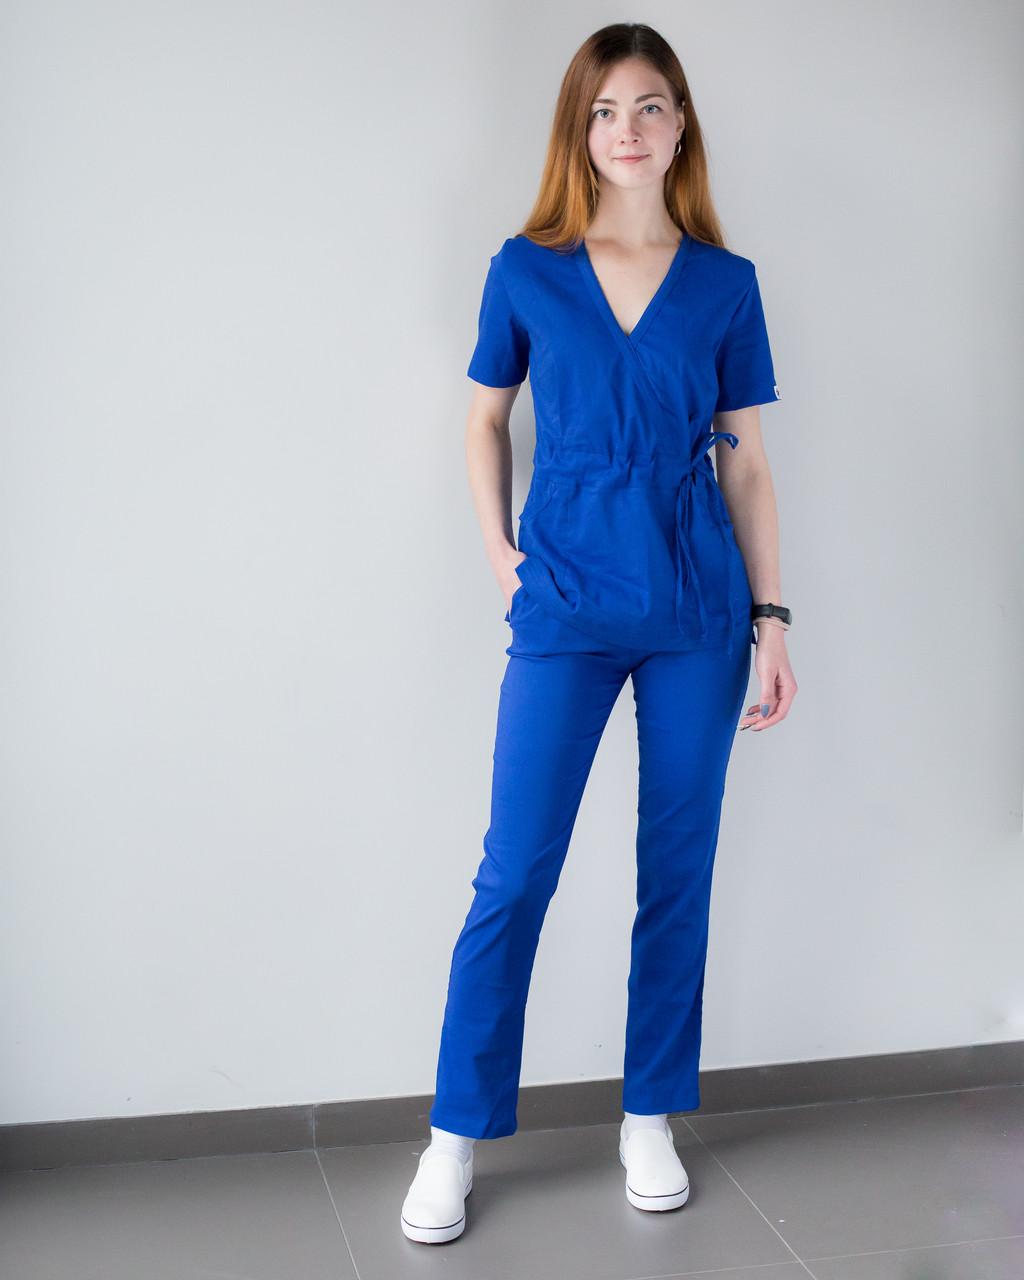 Медицинский костюм Рио электрик, из тонкой ткани